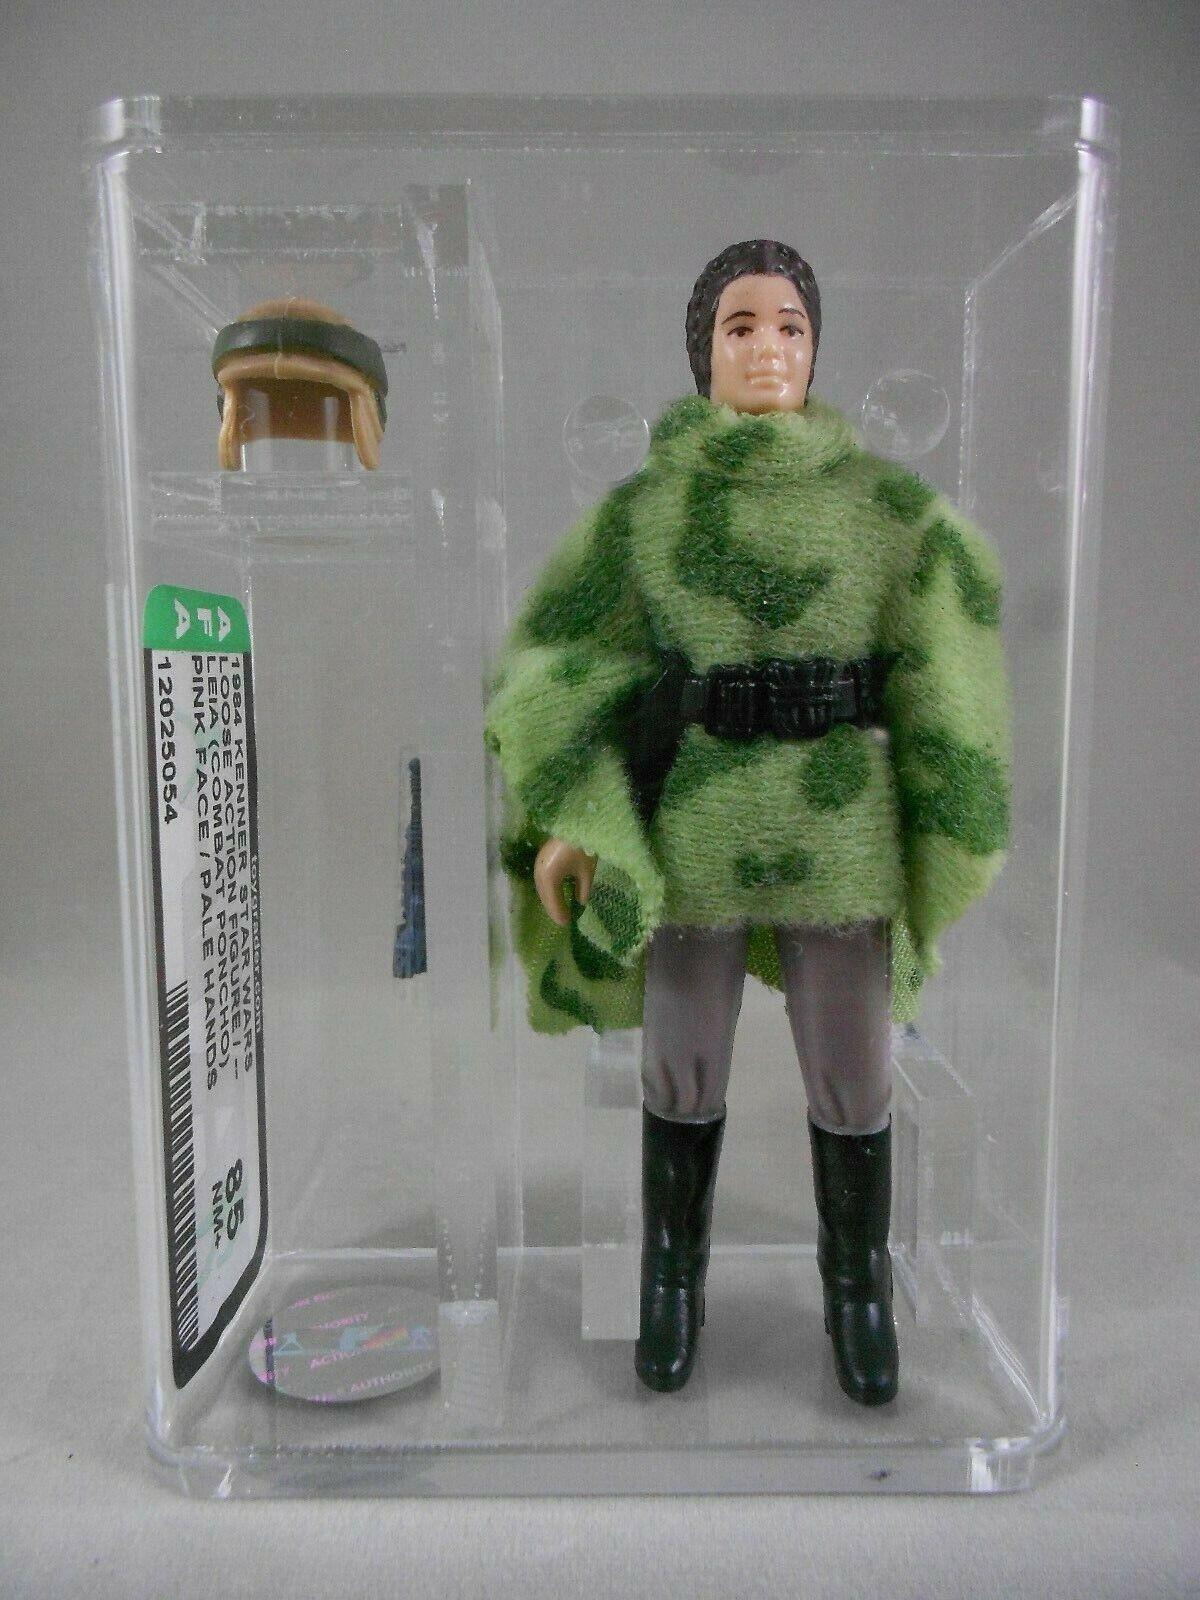 Venta en línea precio bajo descuento Retro Estrella wars wars wars regreso del Jedi 1984 Leia  Poncho  - Figura de Acción autoridad de grado 85 (casi Nuevo +) - No Coo  suministro de productos de calidad